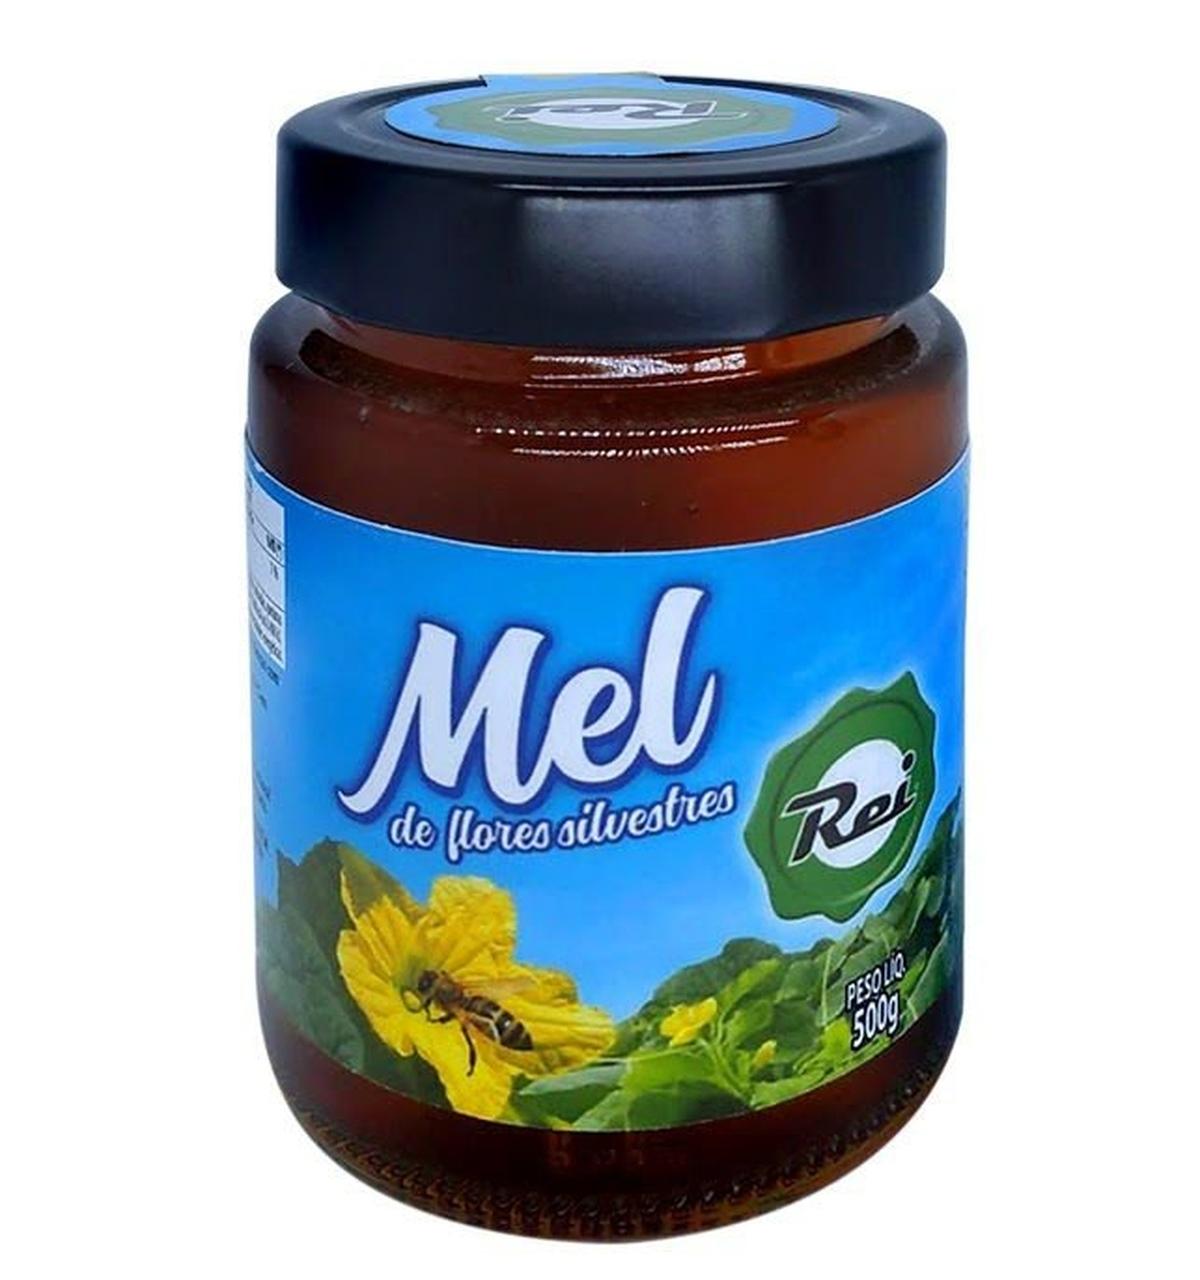 MEL REI 500G  - JJPIVOTTO - Comercio de Frutas